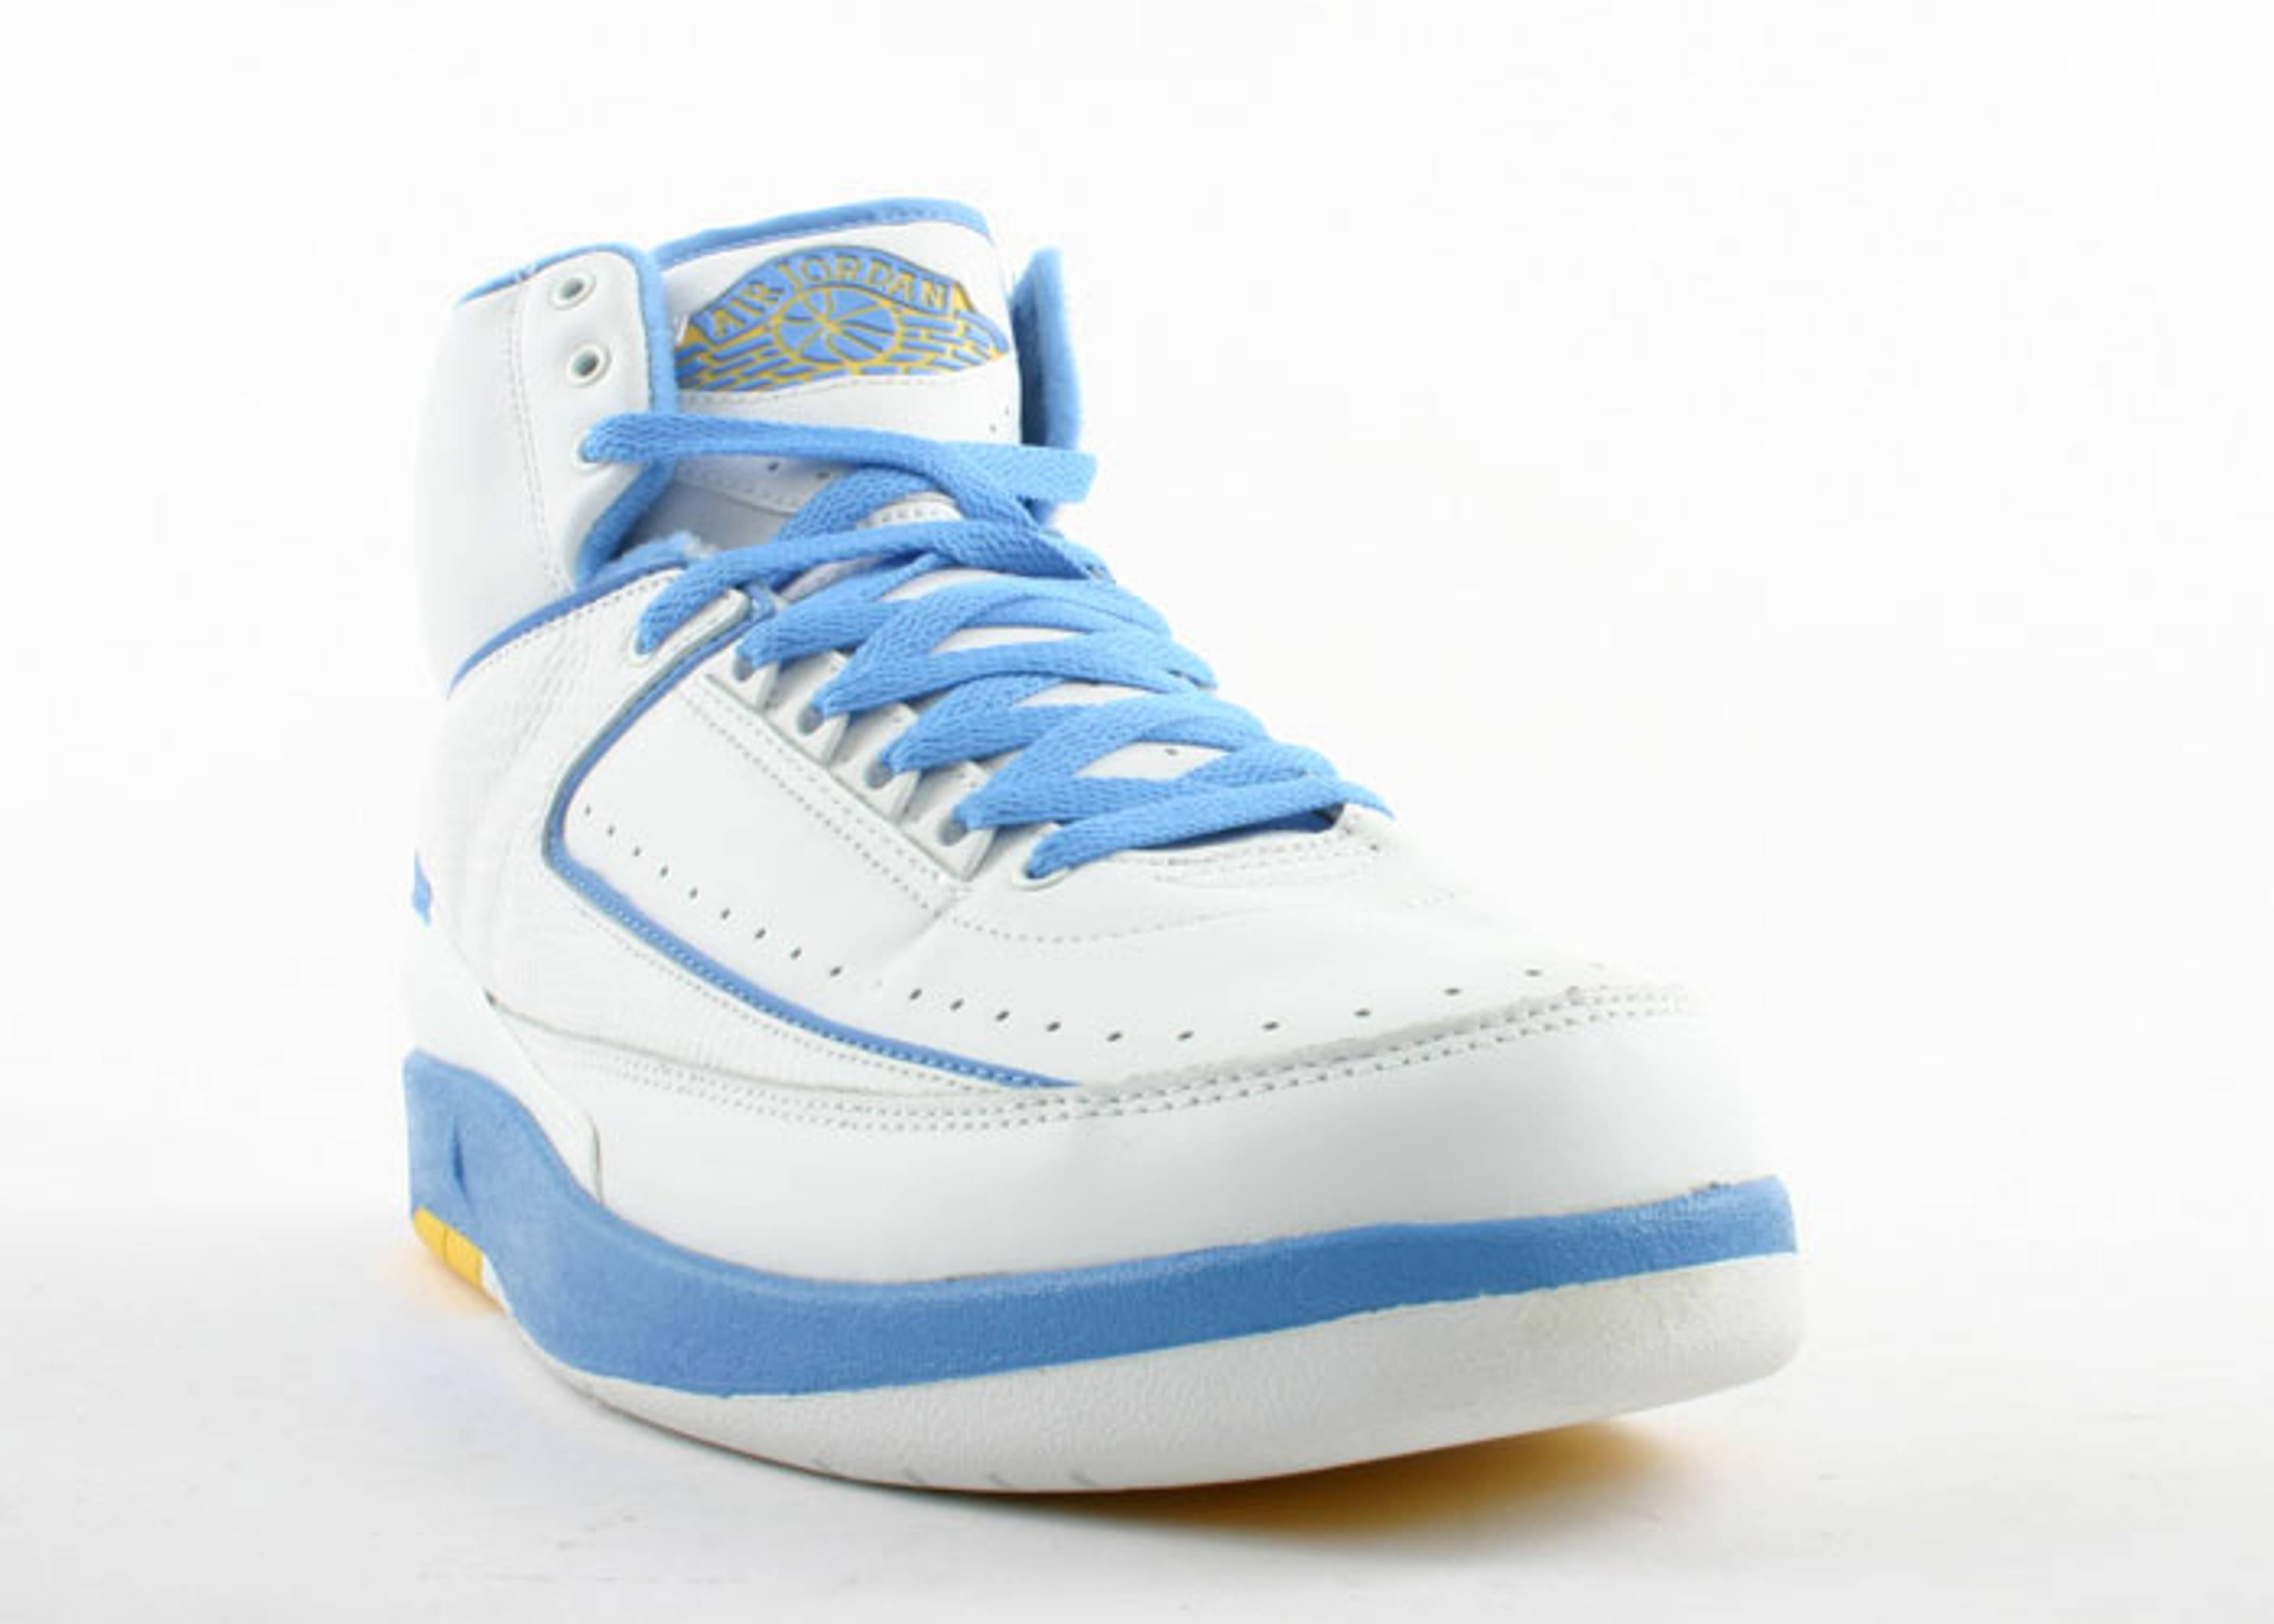 6a4dfbf3bfa Air Jordan 2 Retro